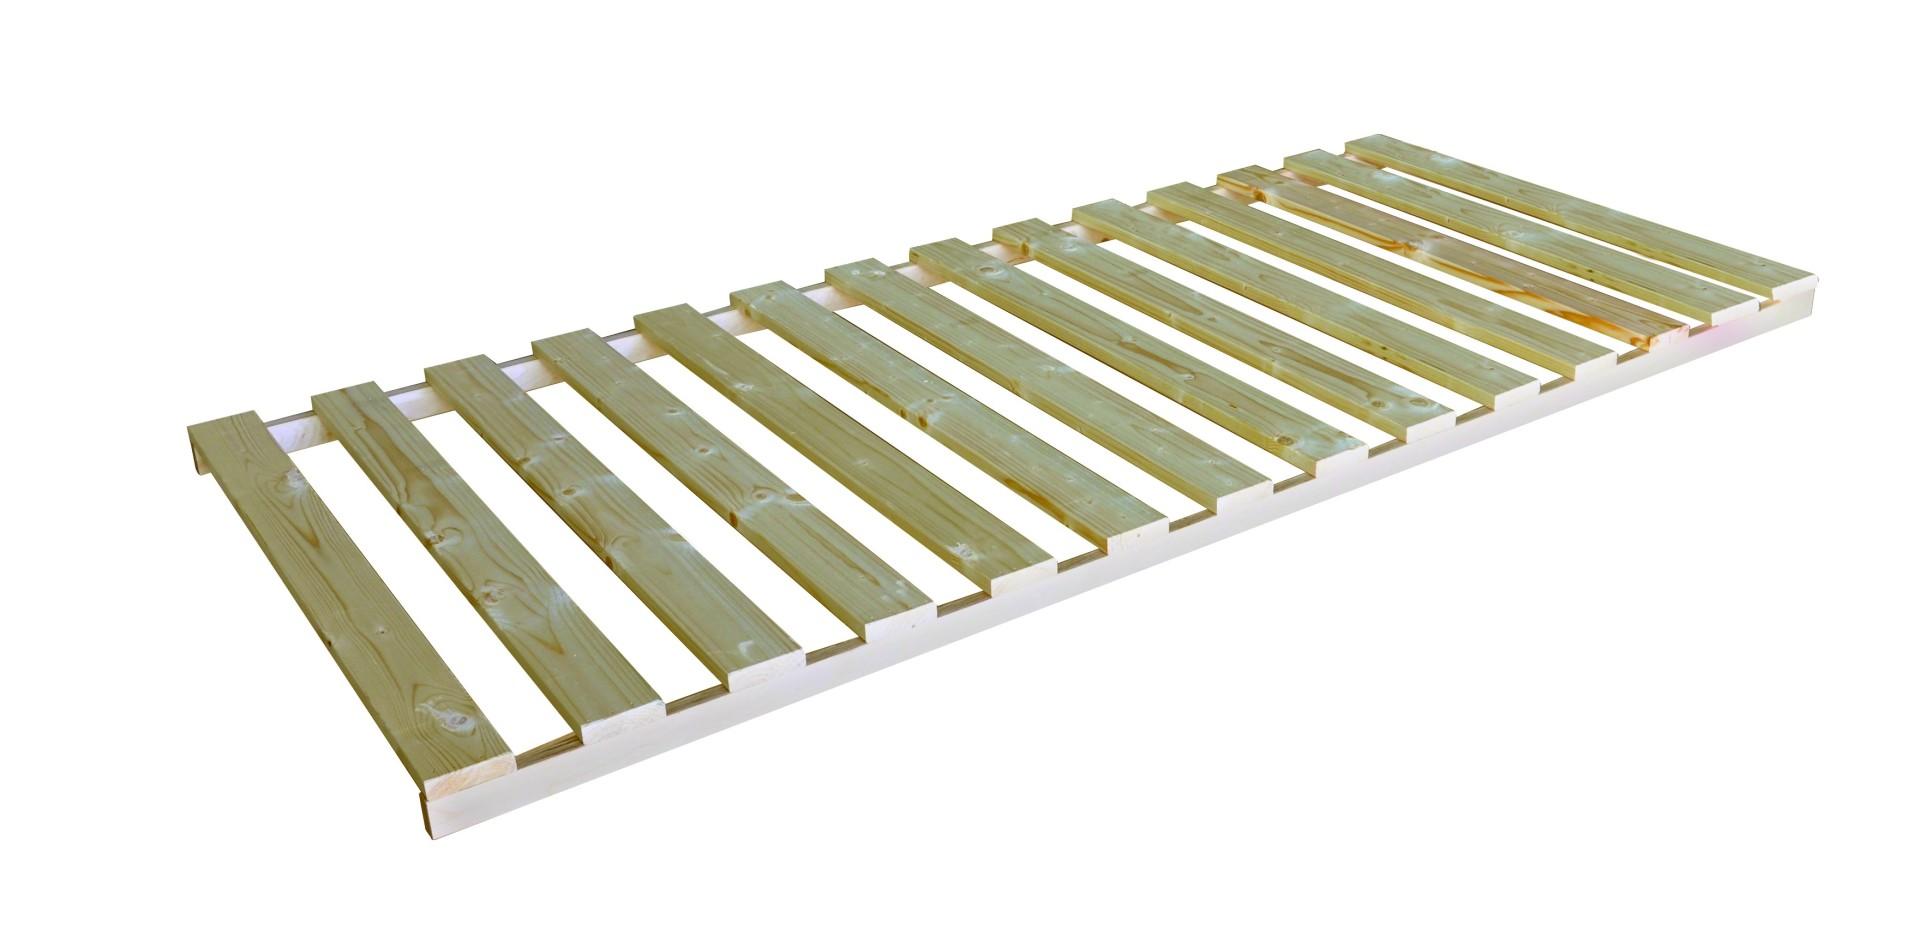 Texpol MASÍV ŠTANDARD V RÁME - latový rošt s nosnosťou 120 kg 120 x 200 cm, smrek